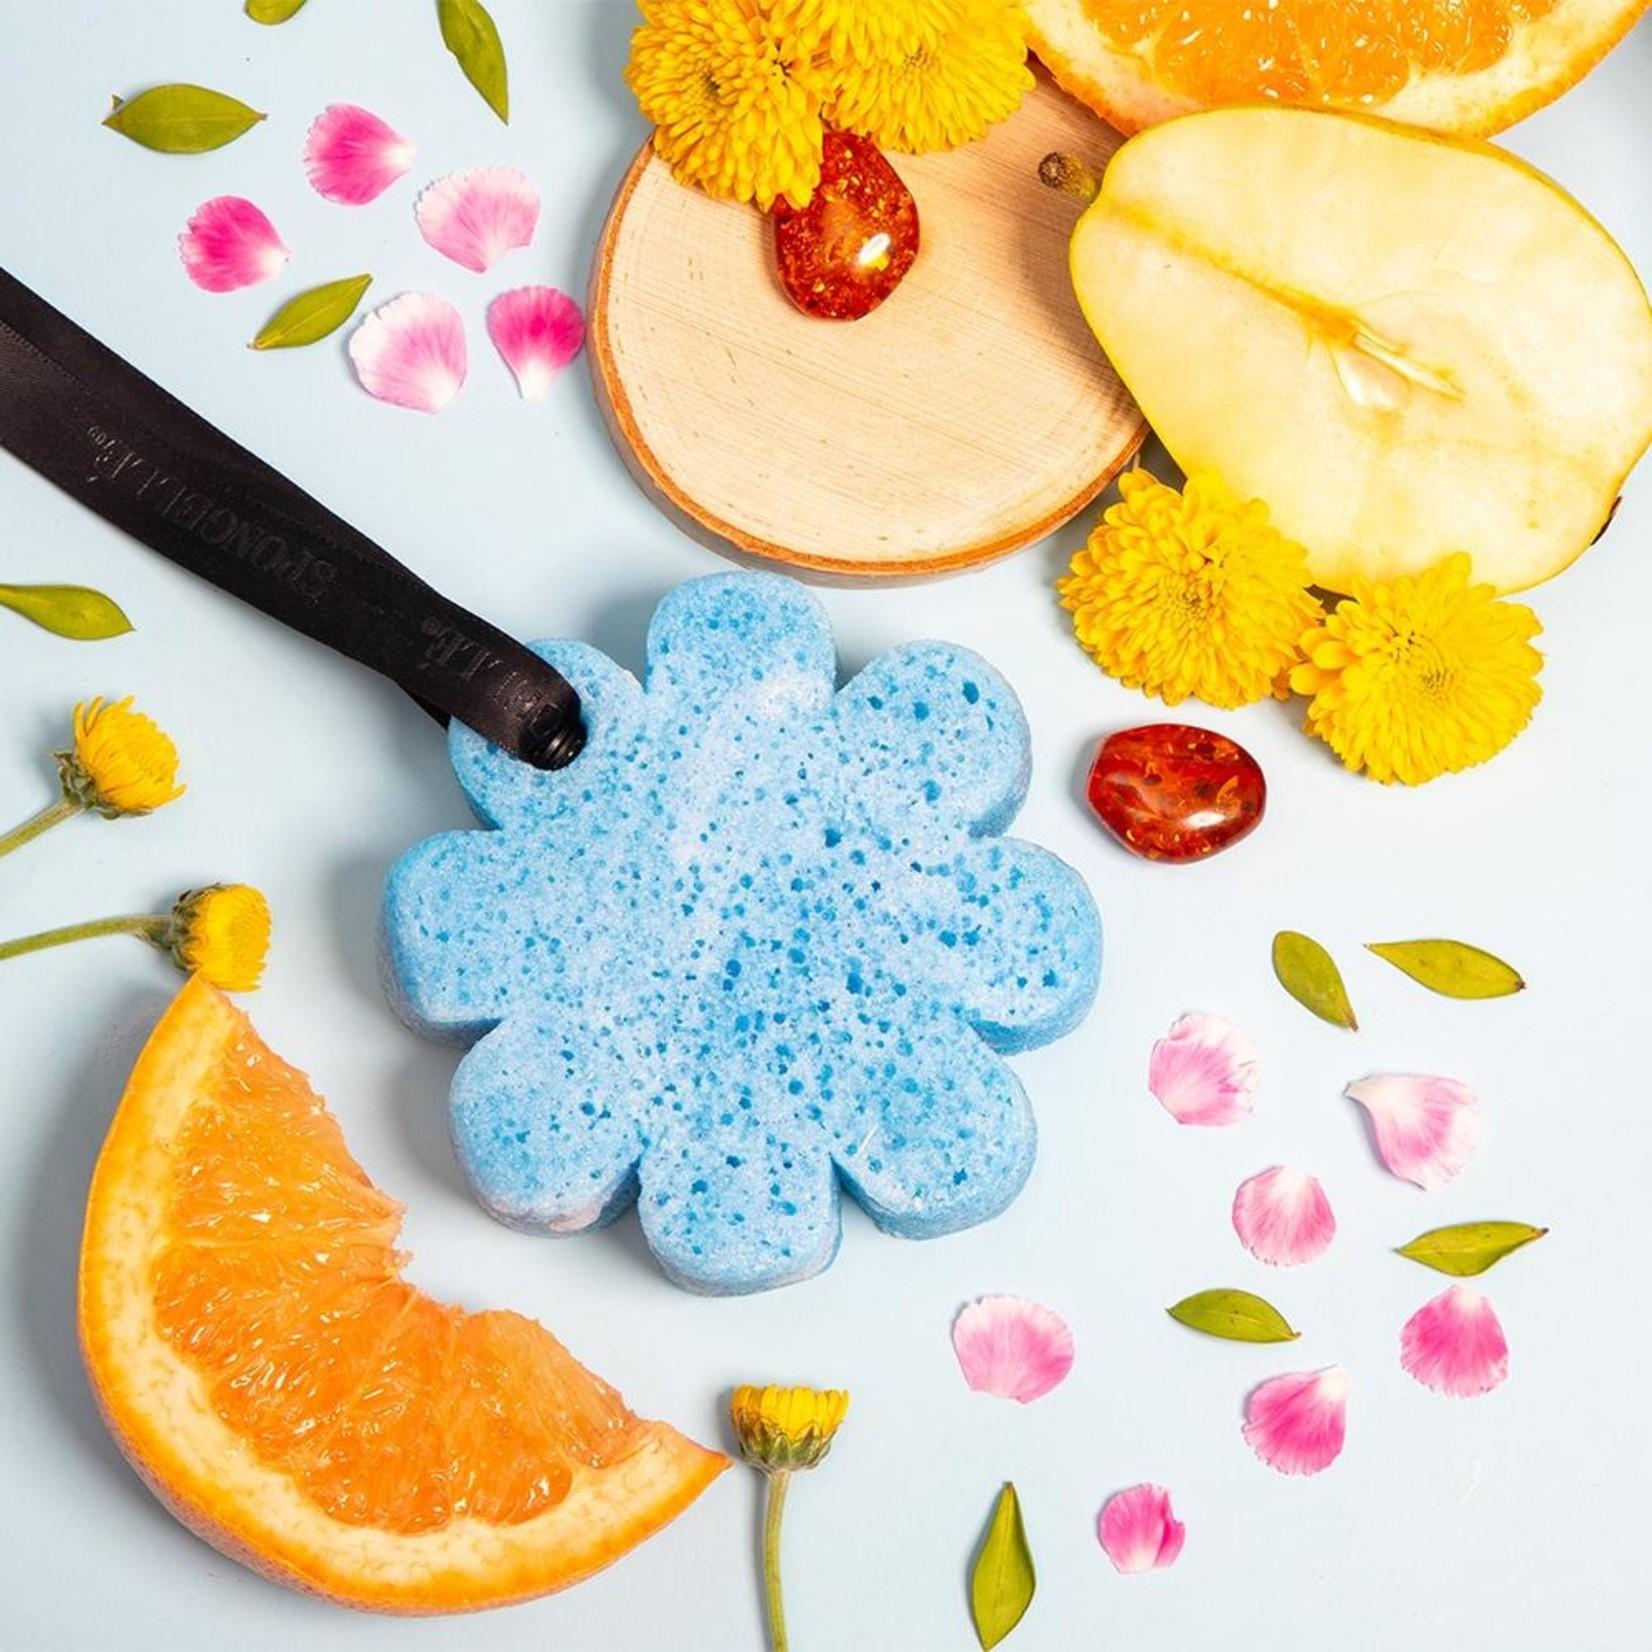 Spongelle Beach Grass | Wild Flower Soap Sponge